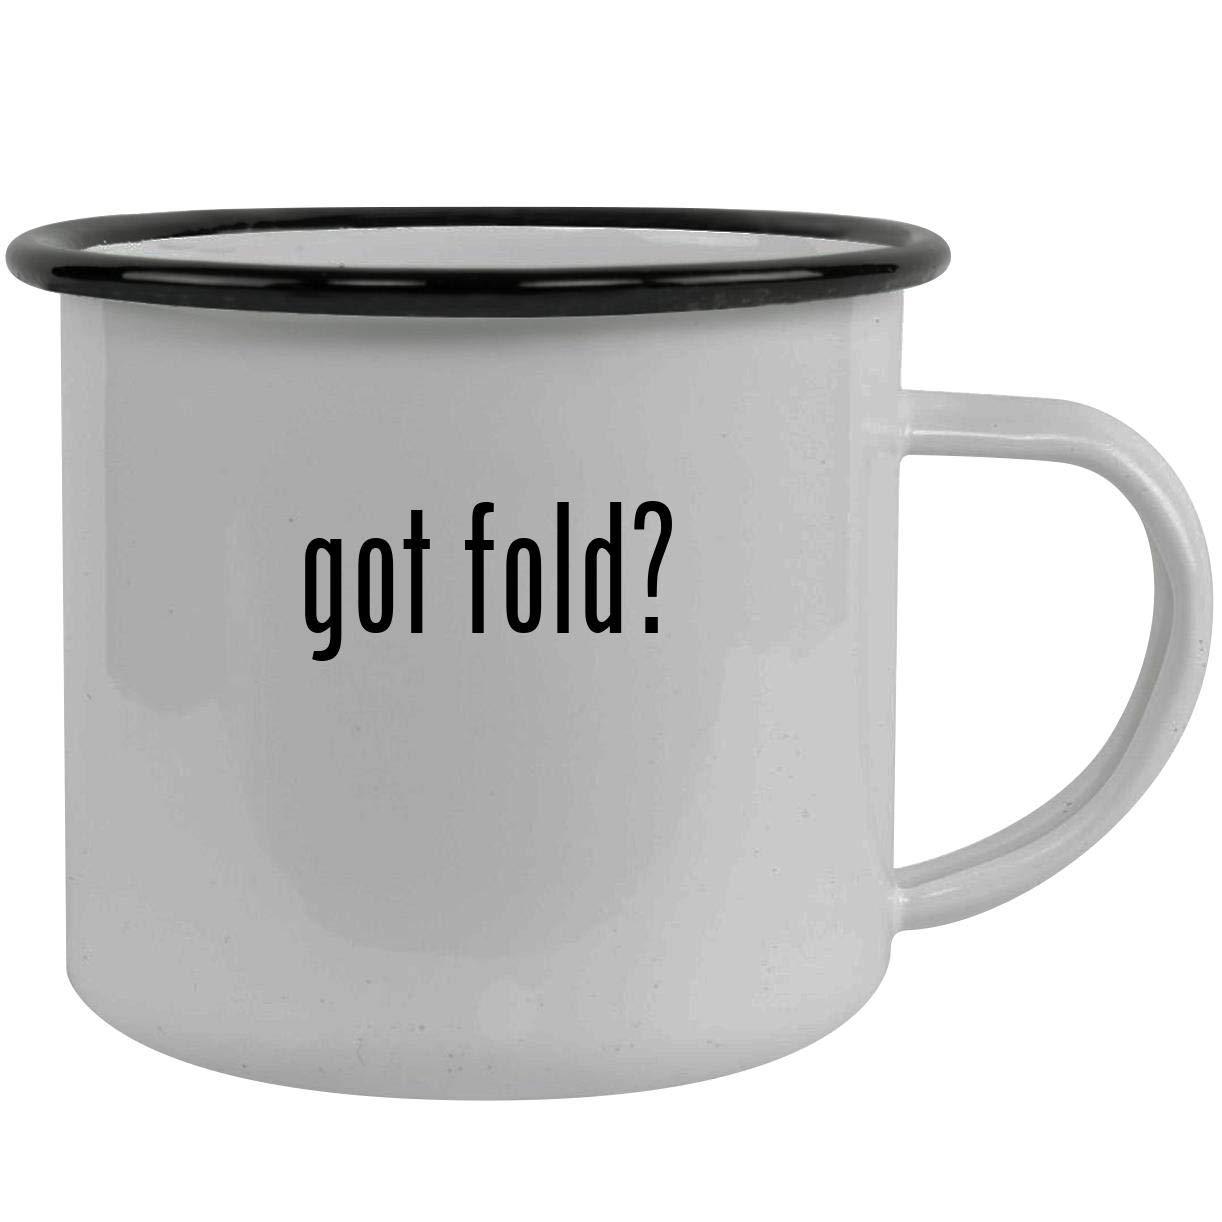 got fold? - Stainless Steel 12oz Camping Mug, Black